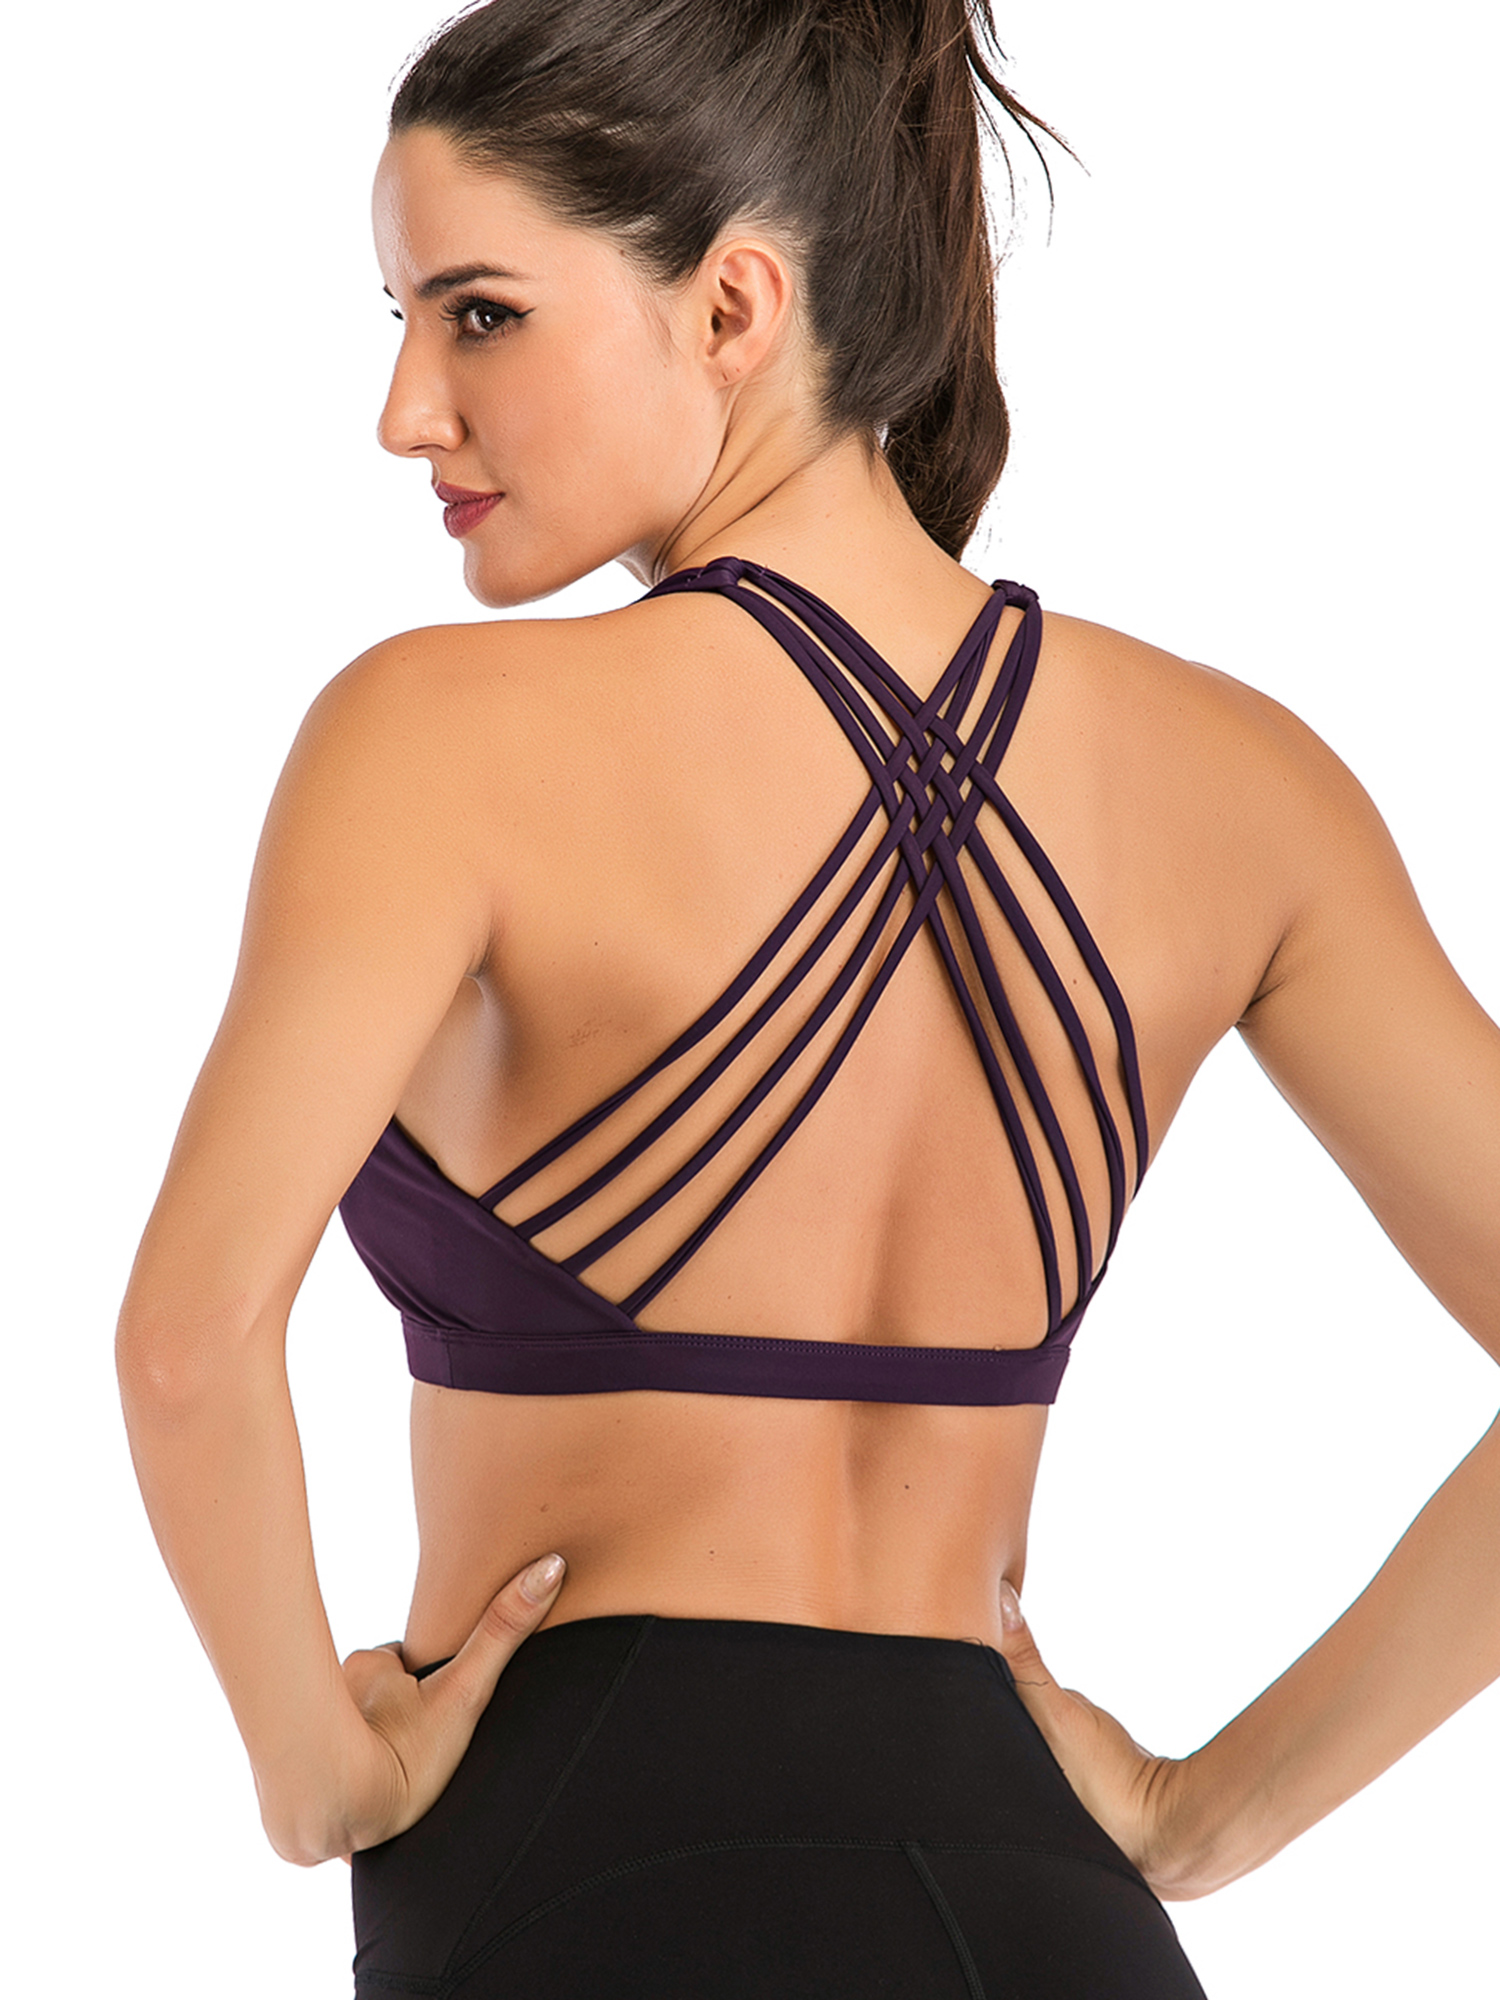 Sport Bra Women Front Criss-Cross T-Back Strappy Wireless Racerback Running Yoga